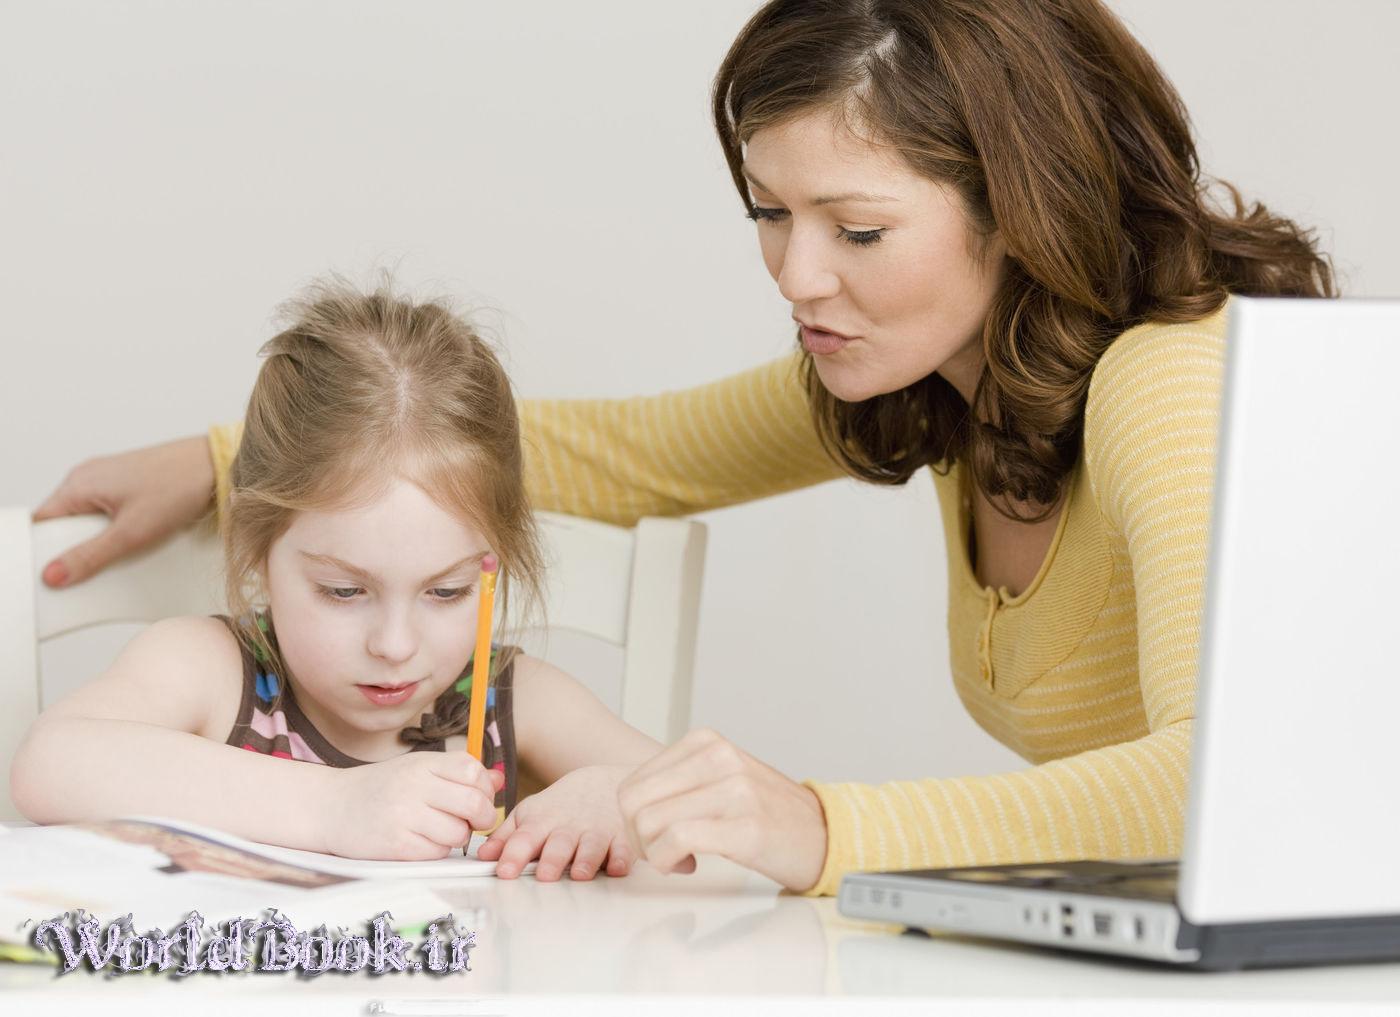 تصویر از چگونگی کمک به فرزندانمان در انجام تکالیف مدرسه